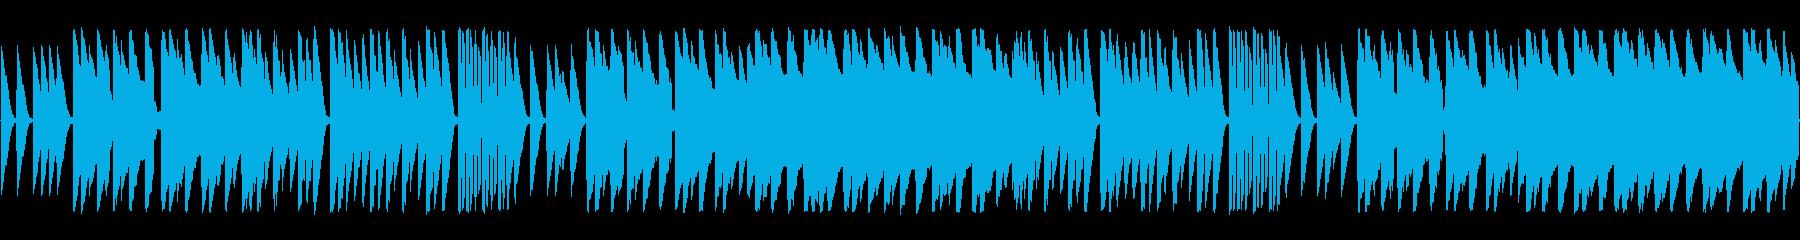 ほのぼのした雰囲気のチップチューンの再生済みの波形